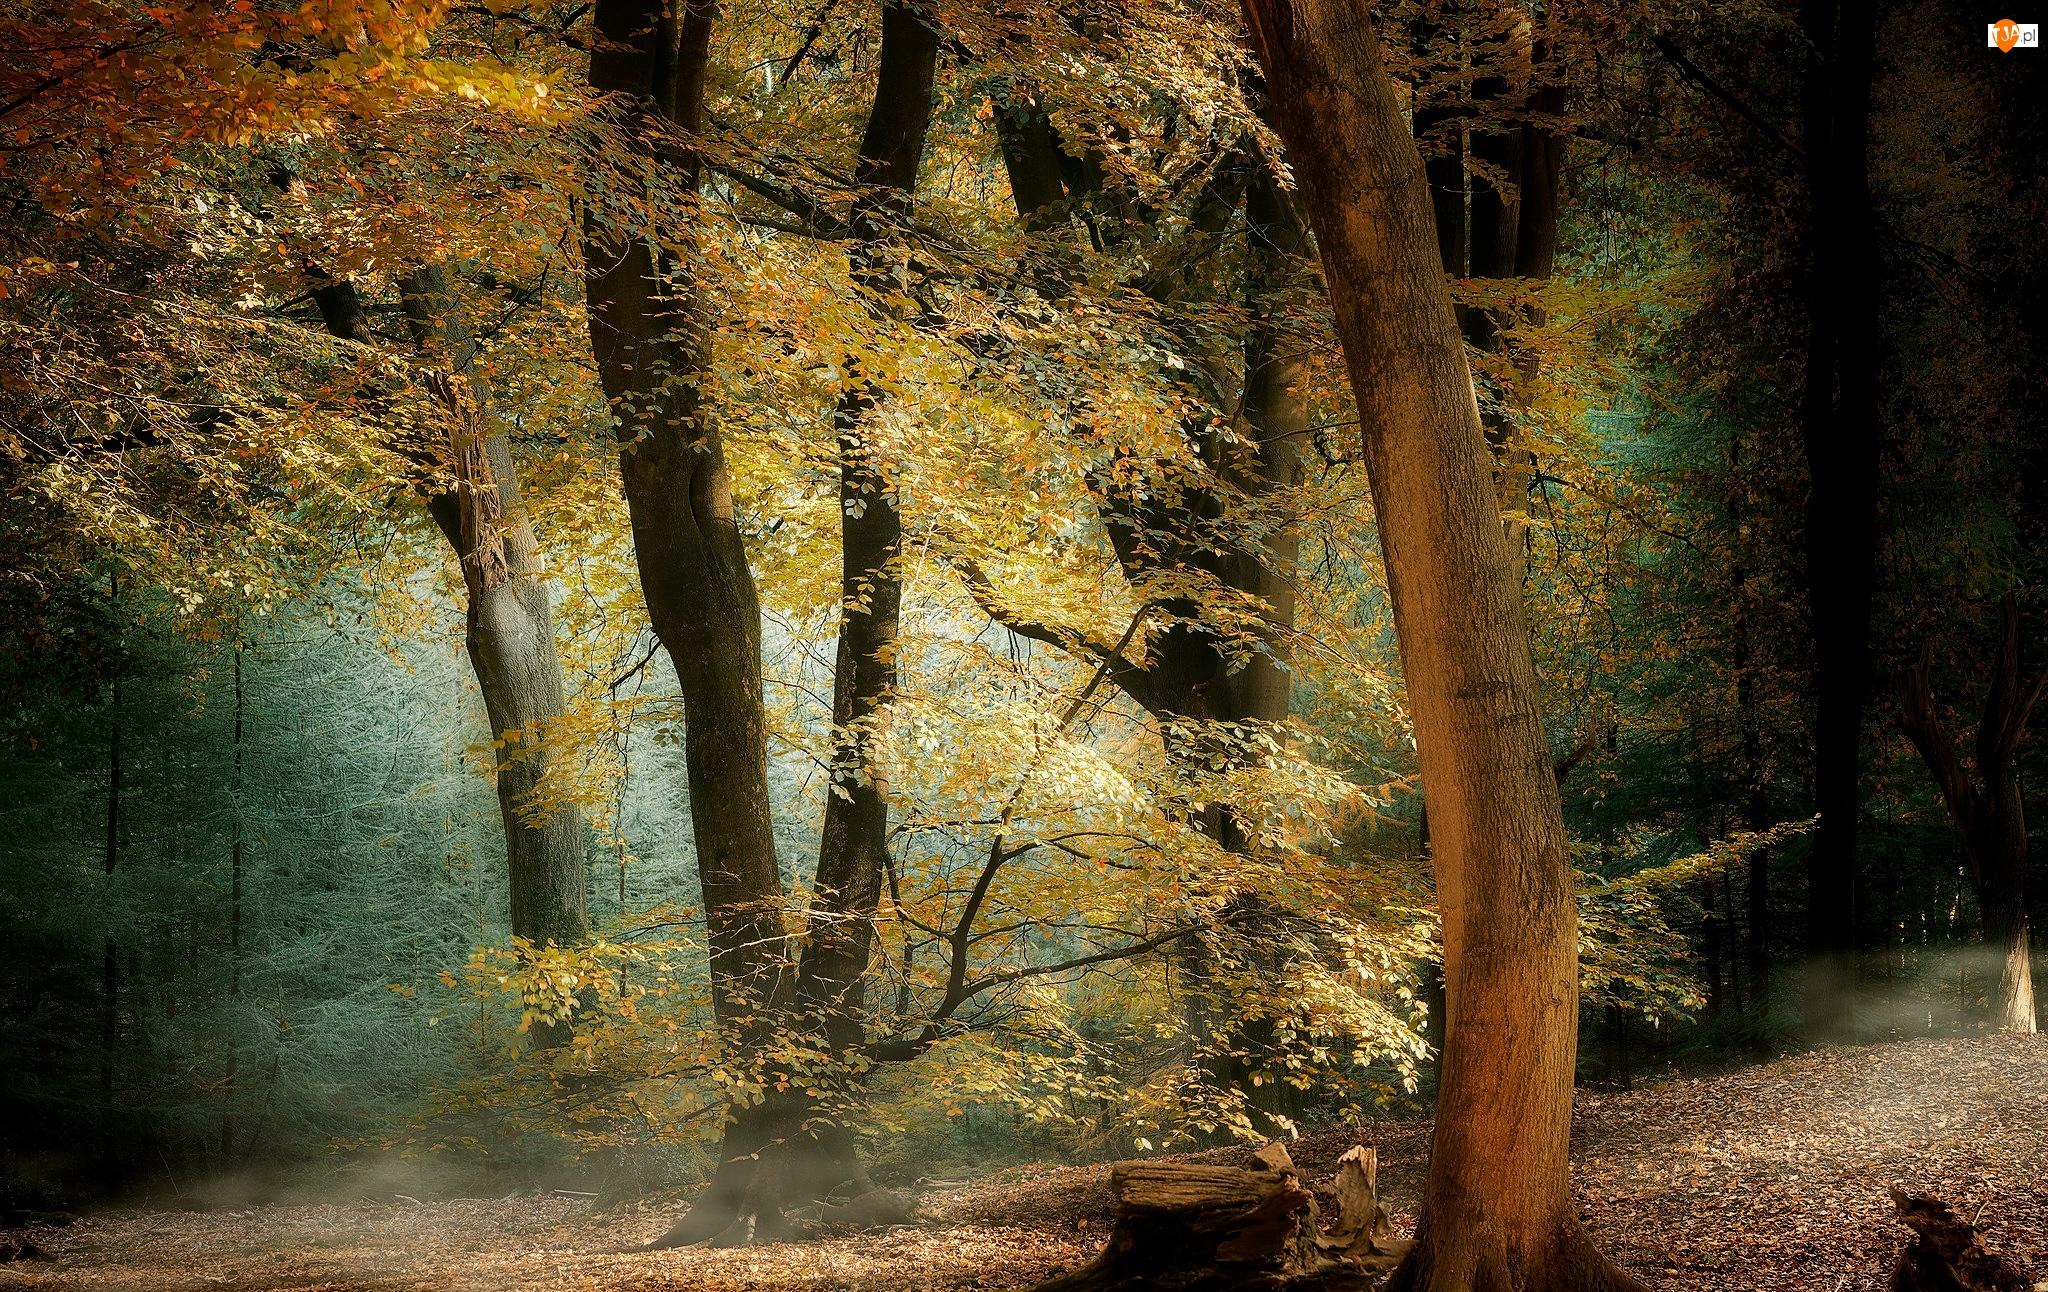 Jesień, Drzewa, Światło, Las, Pień, Kolorowe, Liście